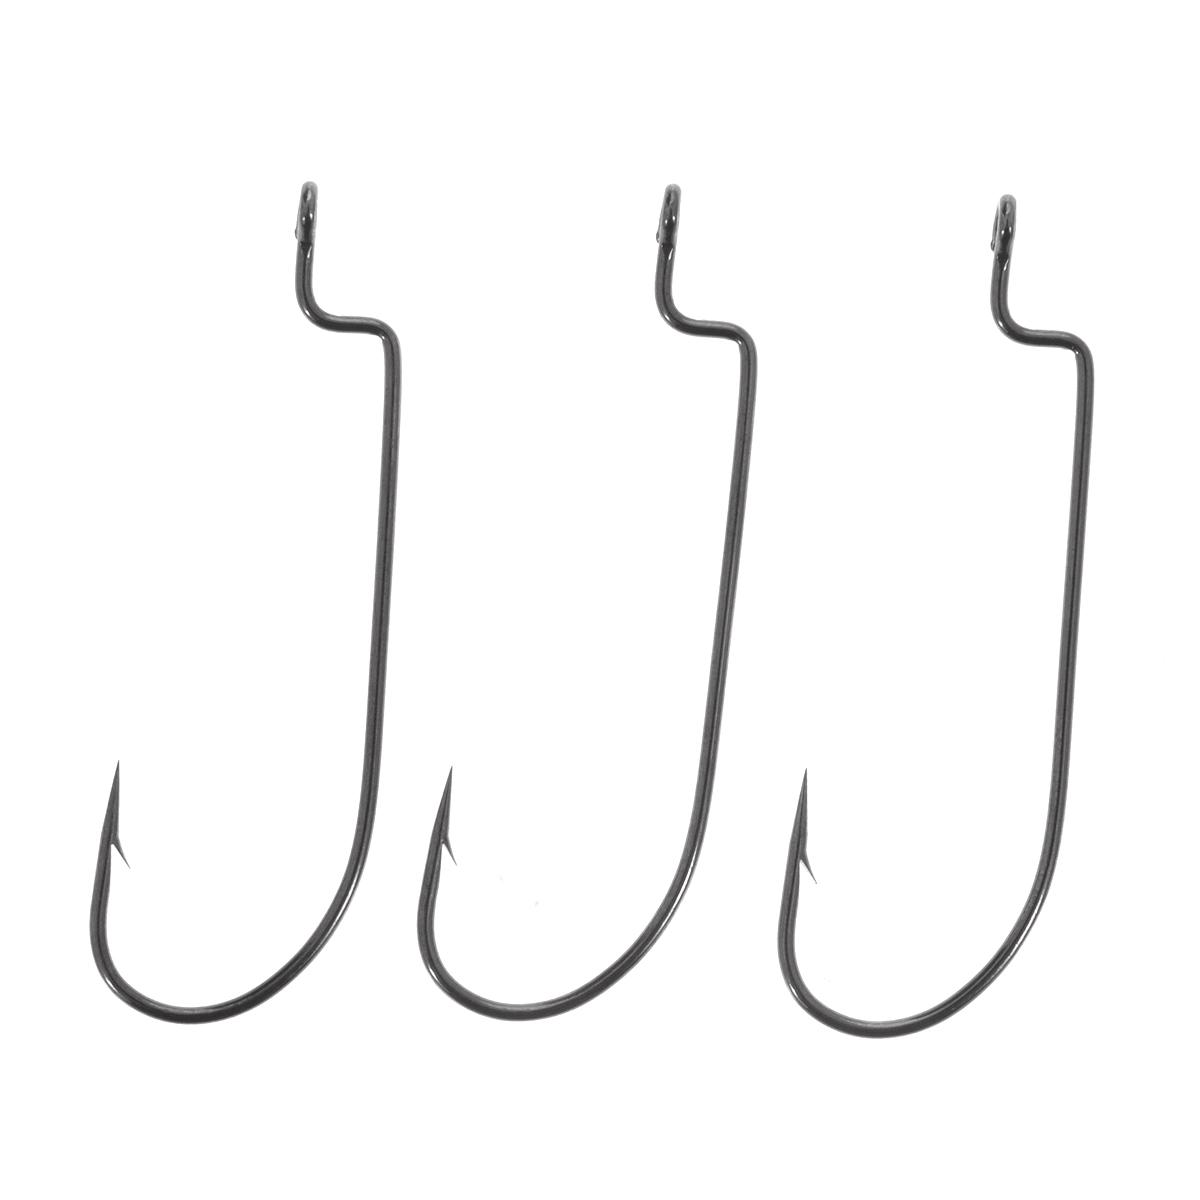 Крючки рыболовные офсетные Cobra L-worm, цвет: черный, размер 3/0, 3 шт2311NSB-K030Cobra L-worm - серия классических офсетных крючков, с круглым загибом, прямым удлиненным цевьем с прямоугольной ступенькой. Высокую популярность эта форма крючка, получила из-за простоты оснащения ими всевозможных мягких пластиковых приманок. Крючки имеют темное, очень стойкое, антикоррозийное покрытие и чрезвычайно остры.